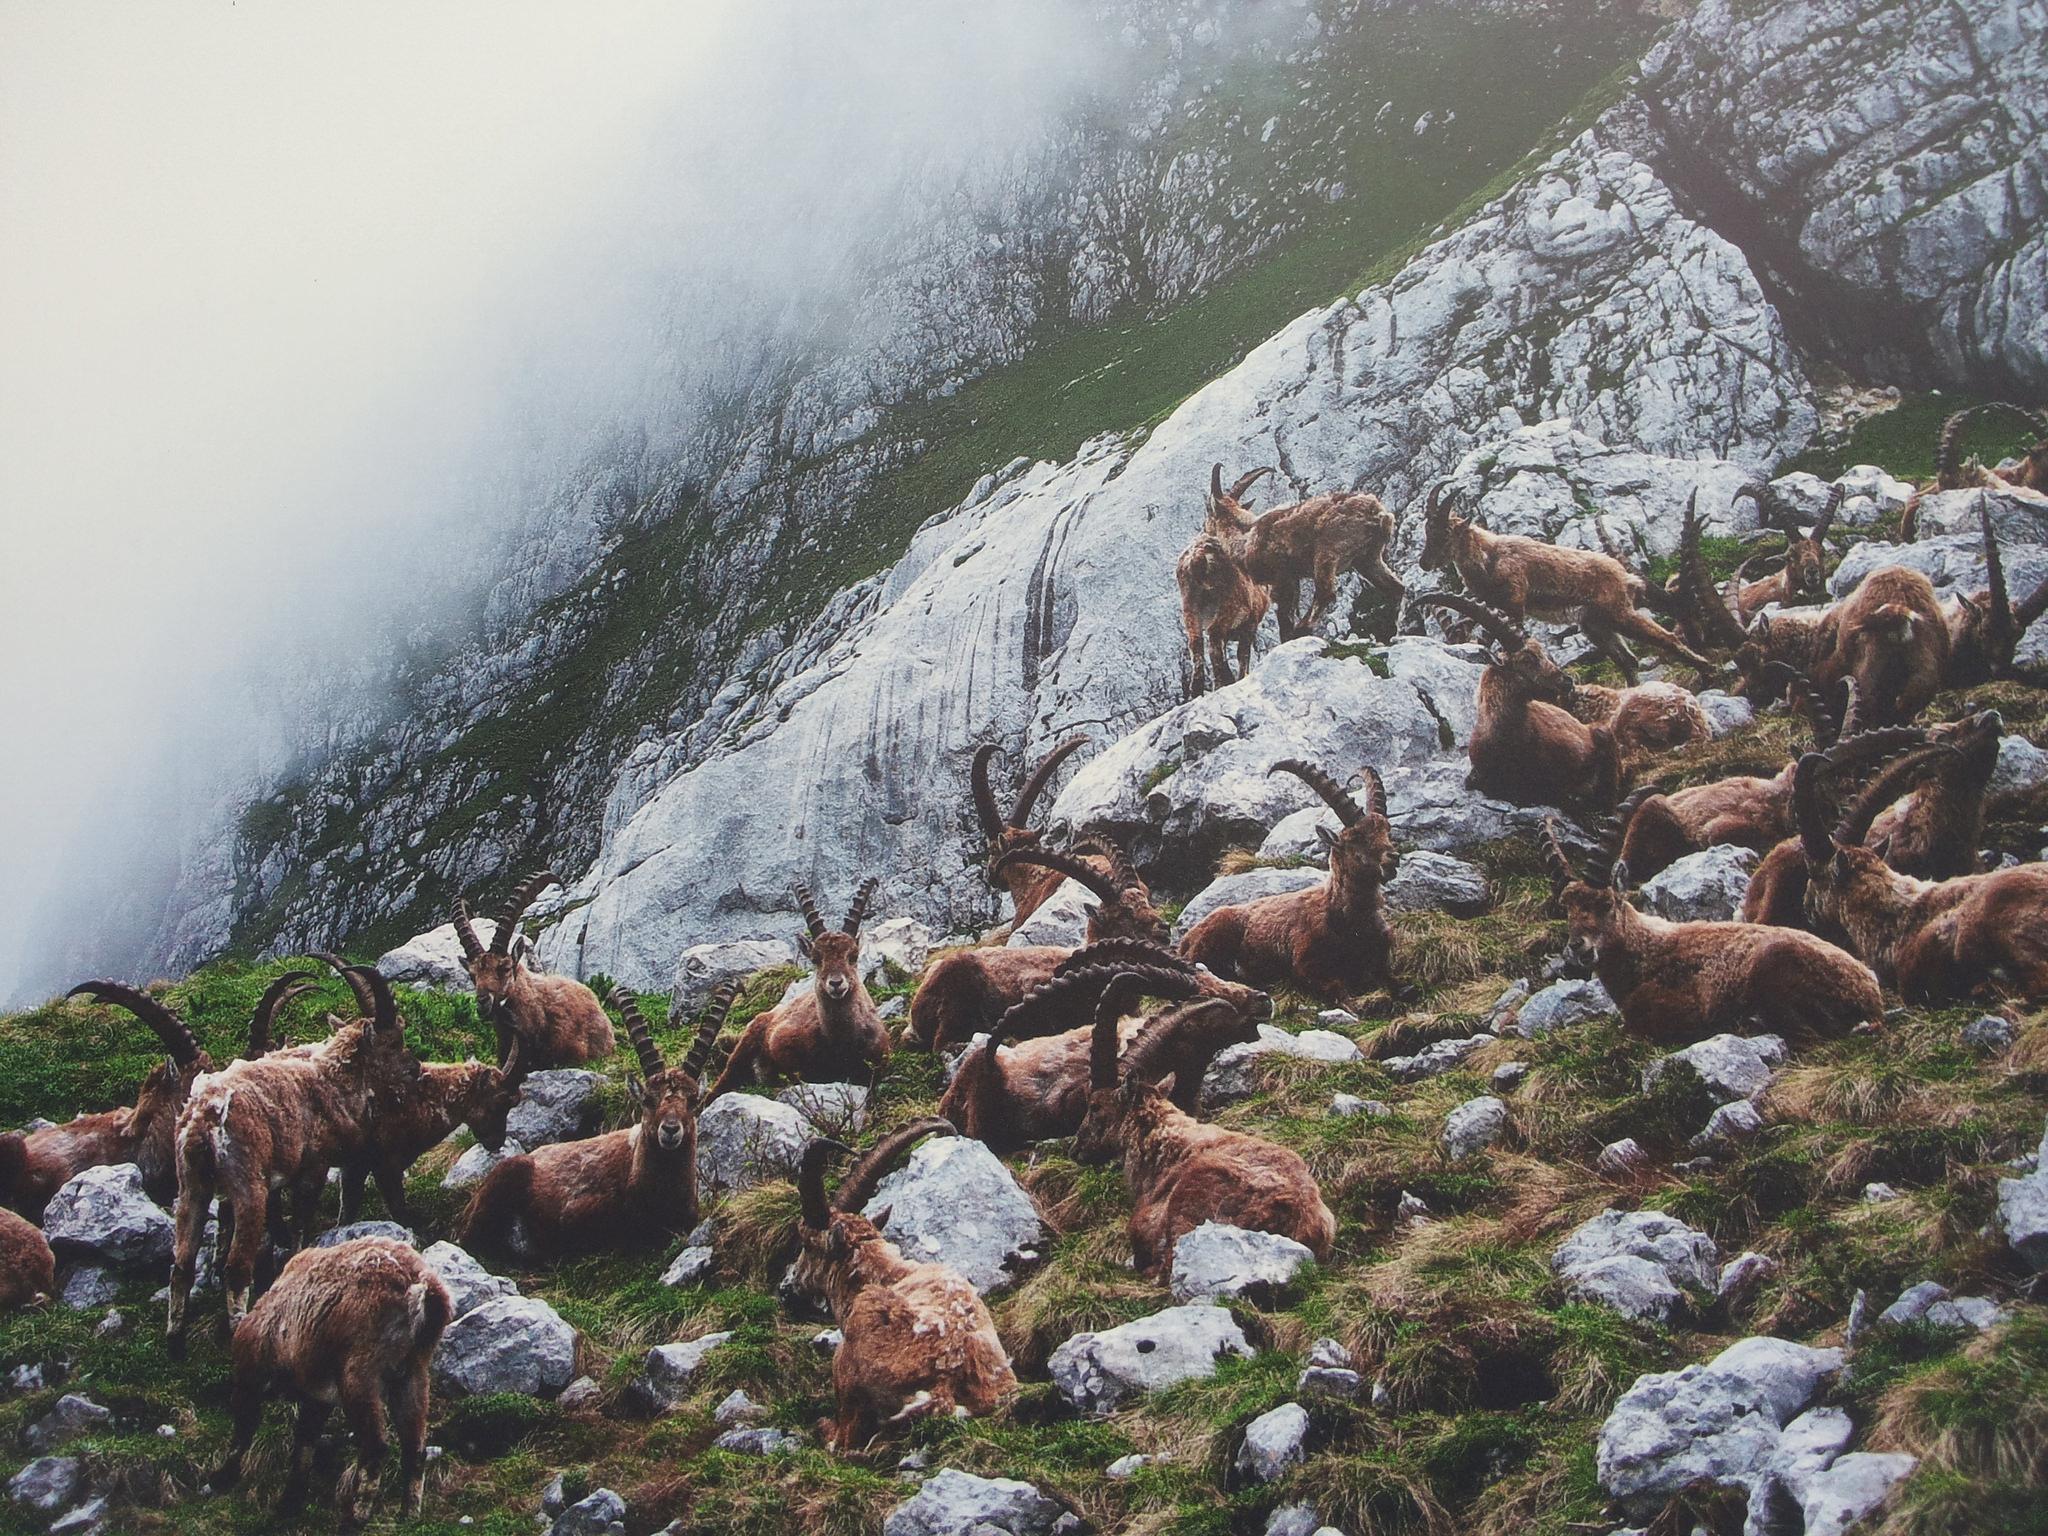 Some wildlife